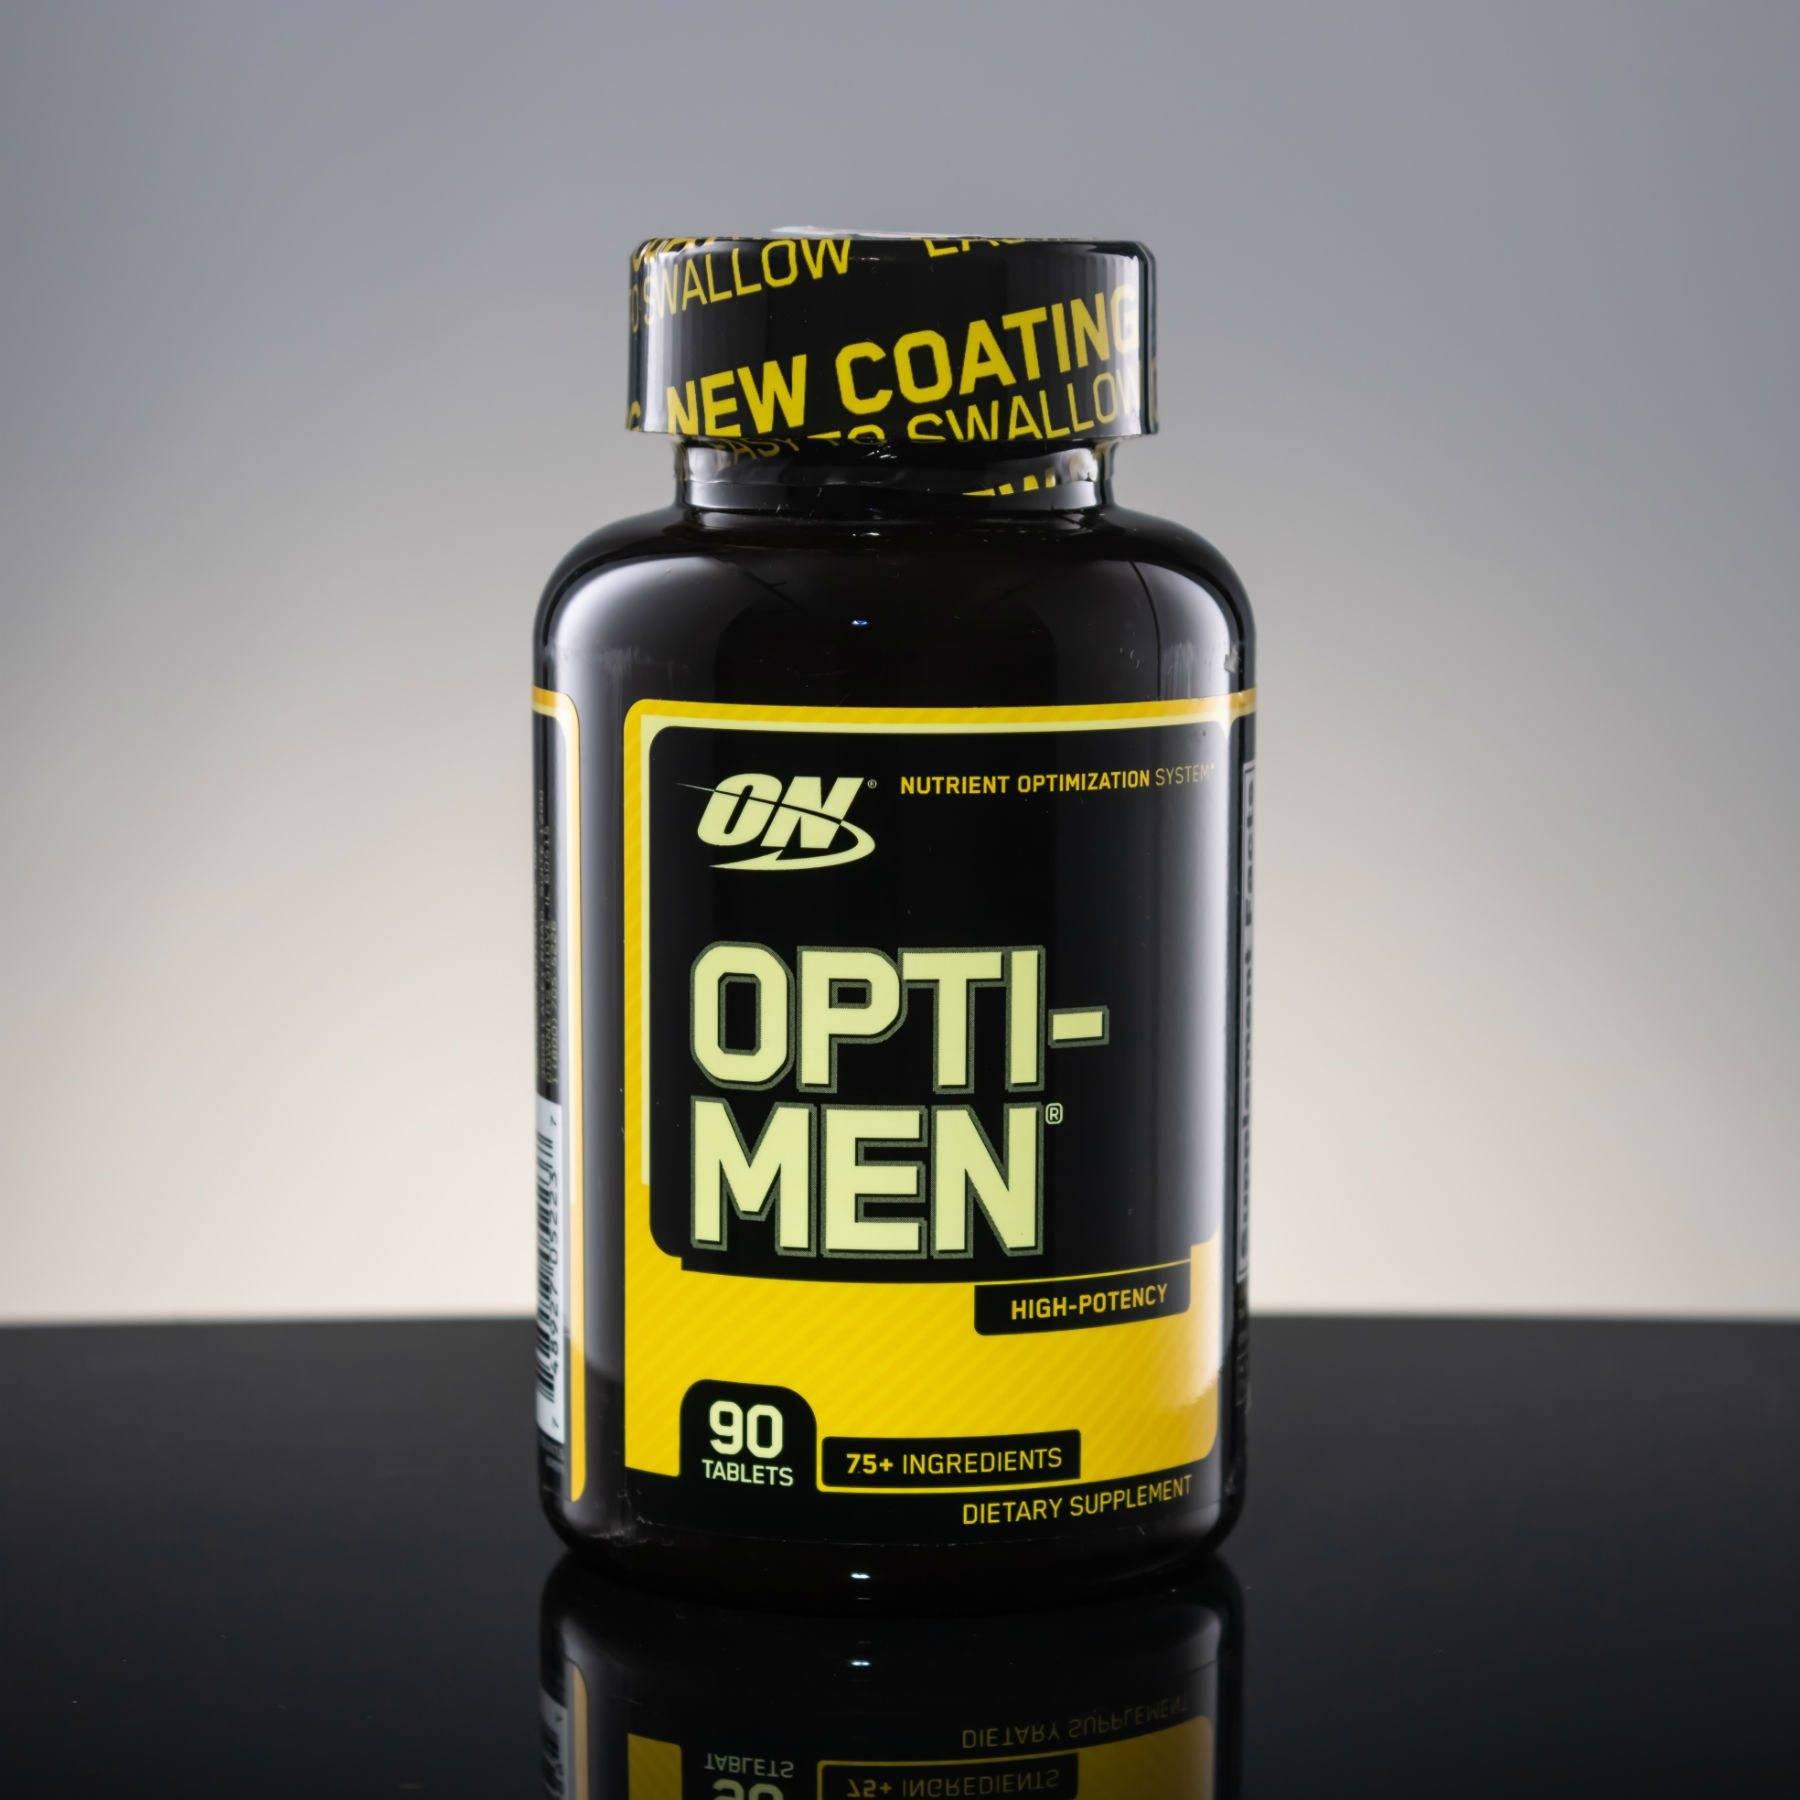 Как правильно принимать витамины opti men?